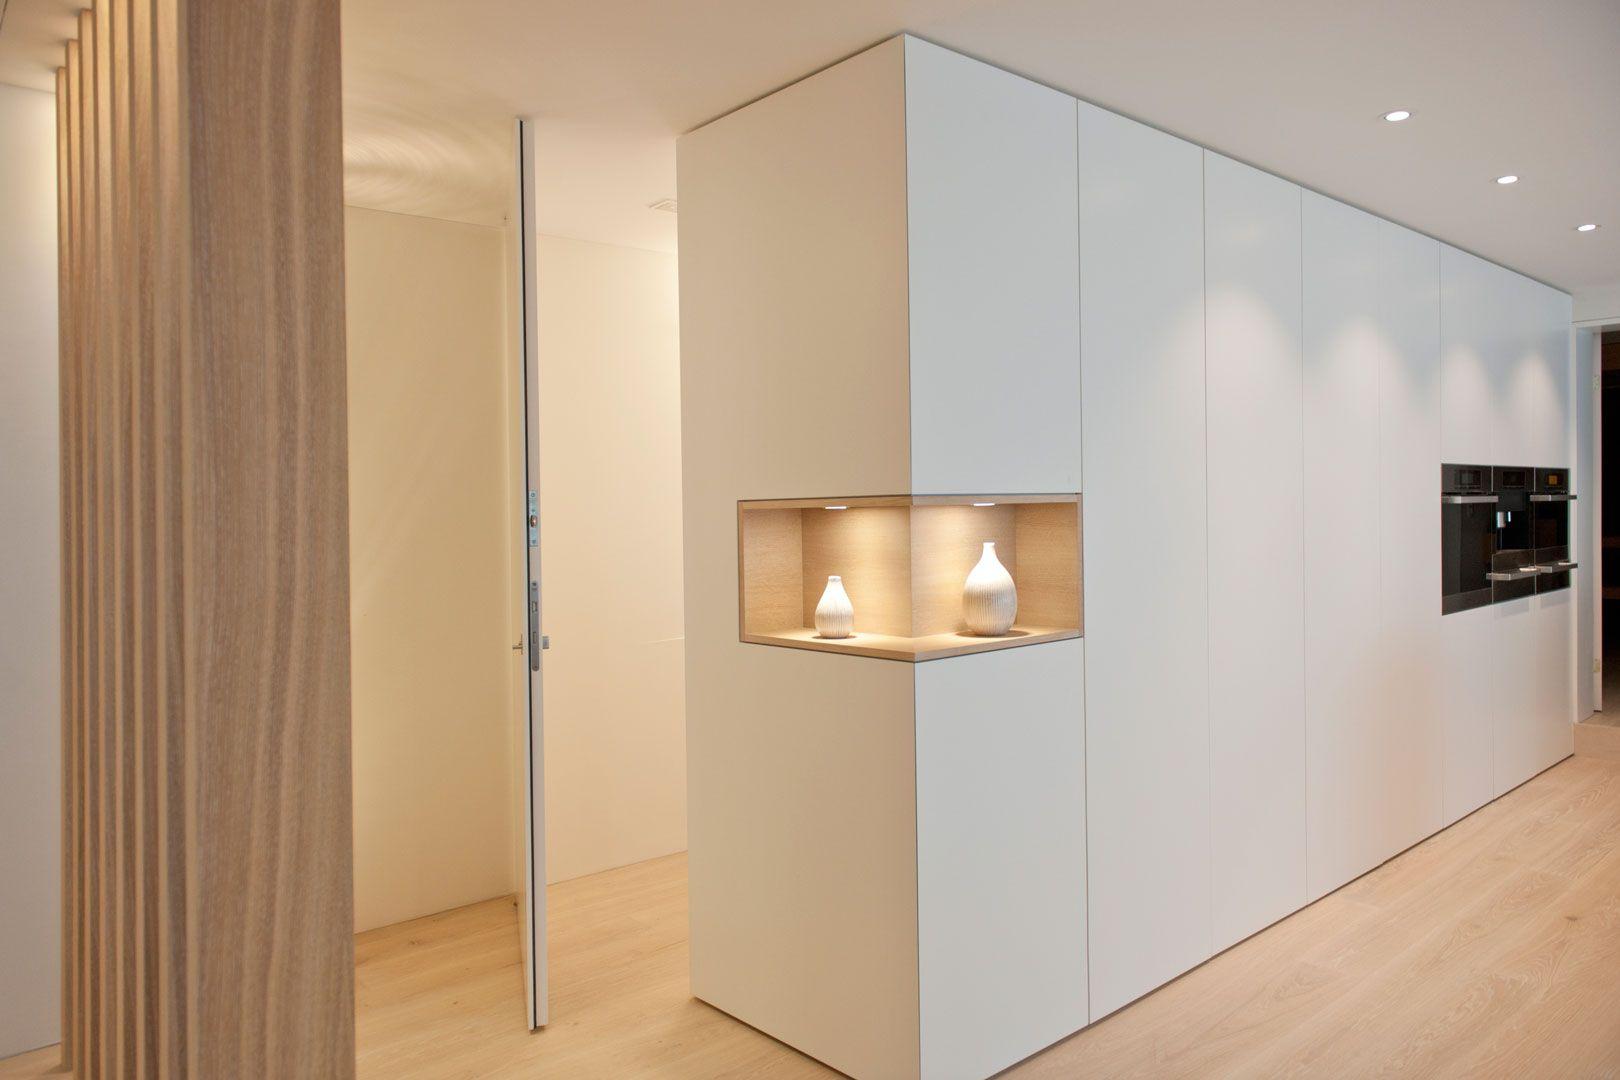 Inneneinrichtung Room42 Produkt Planung Inneneinrichtung Inneneinrichtung Zimmergestaltung Schrank Design